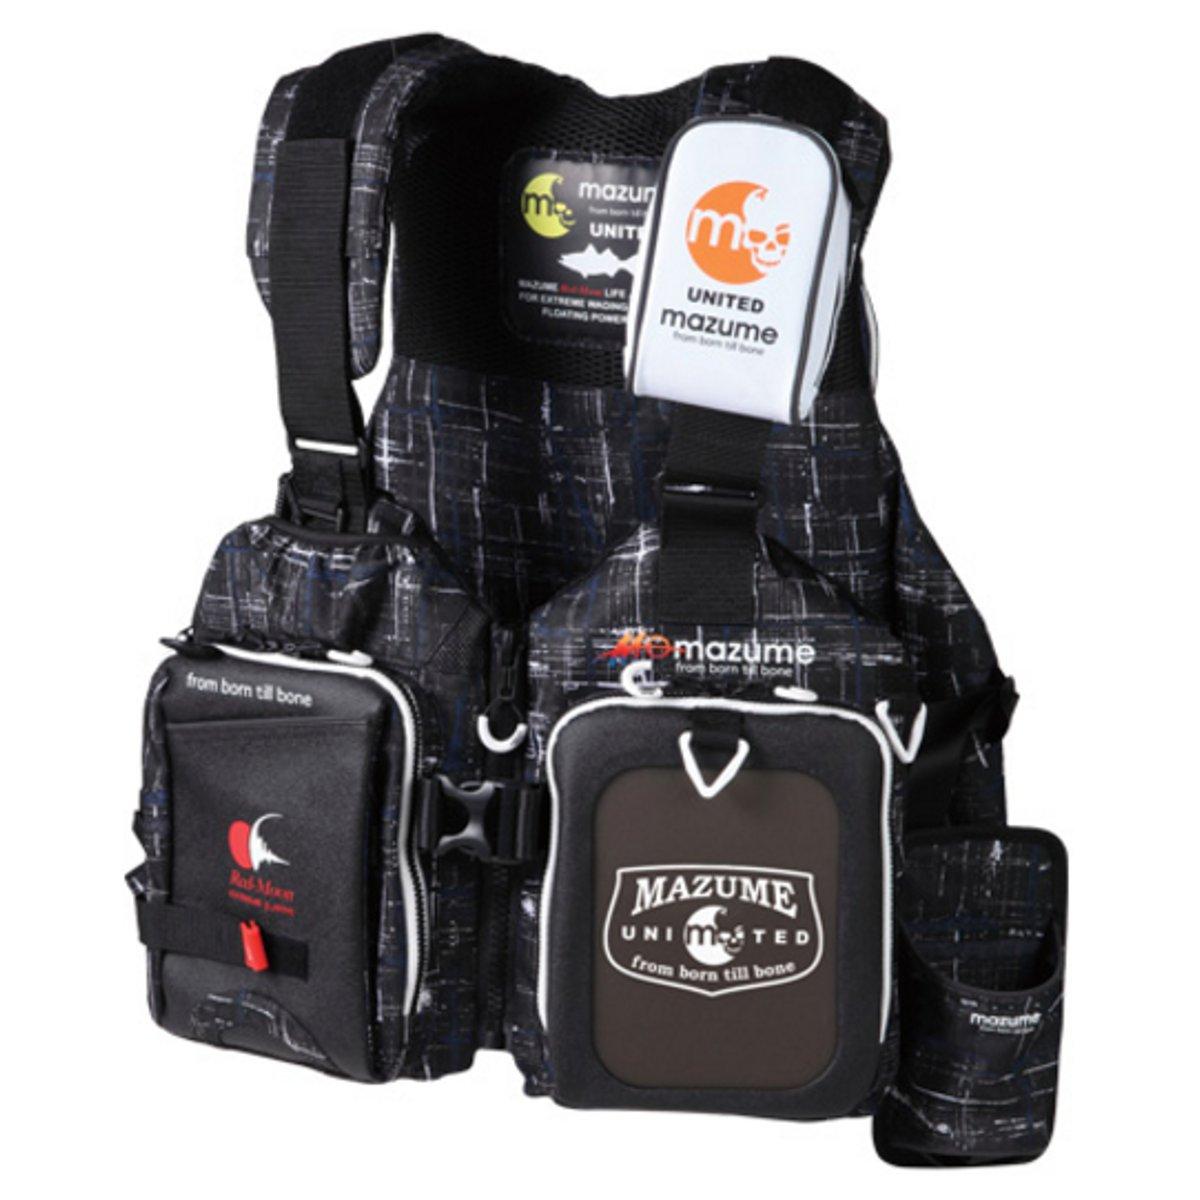 包 背包 摄像机 摄像头 书包 数码 双肩 1200_1200